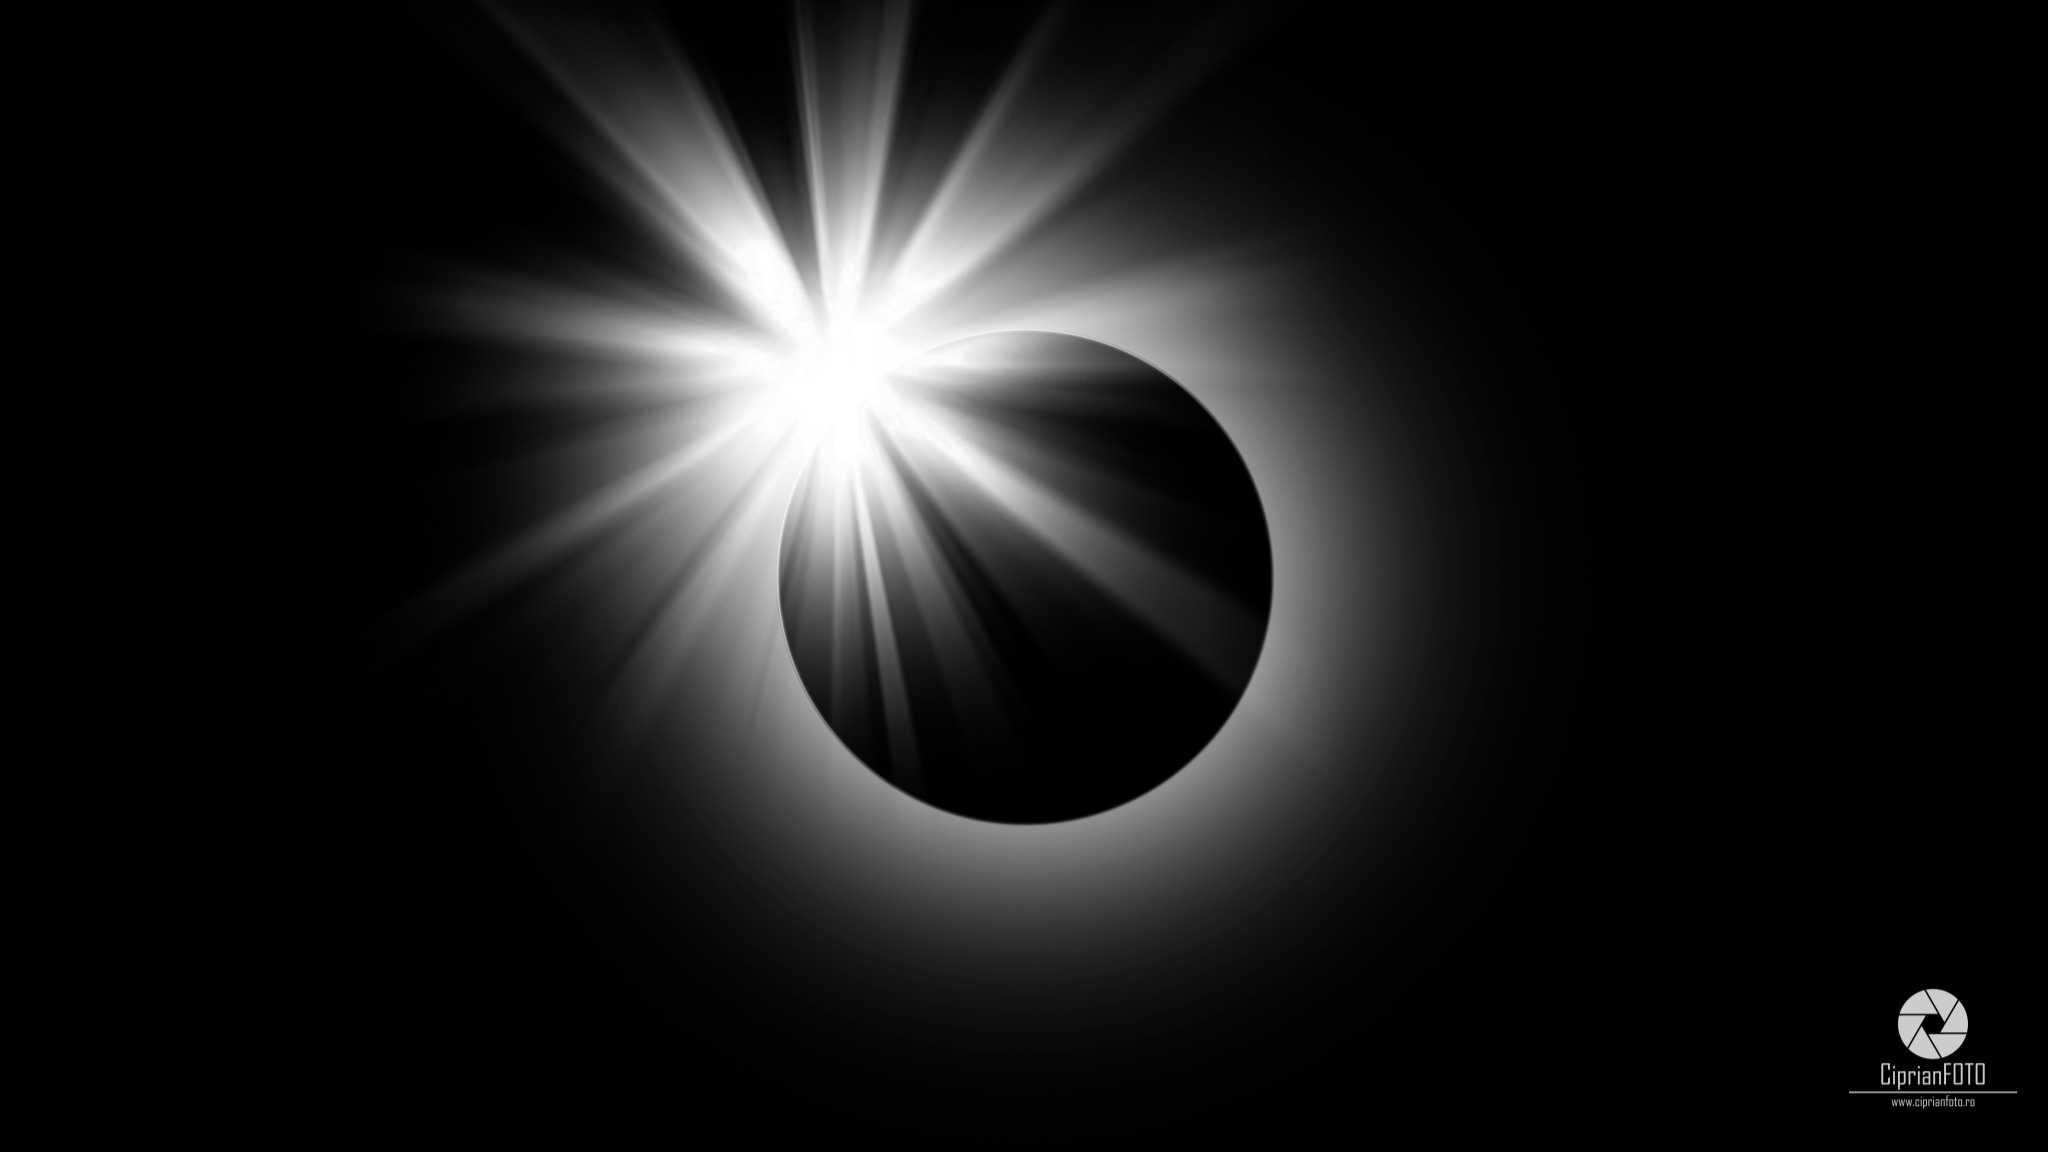 Solar Eclipse 2017, Photoshop Manipulation Tutorial, CiprianFOTO